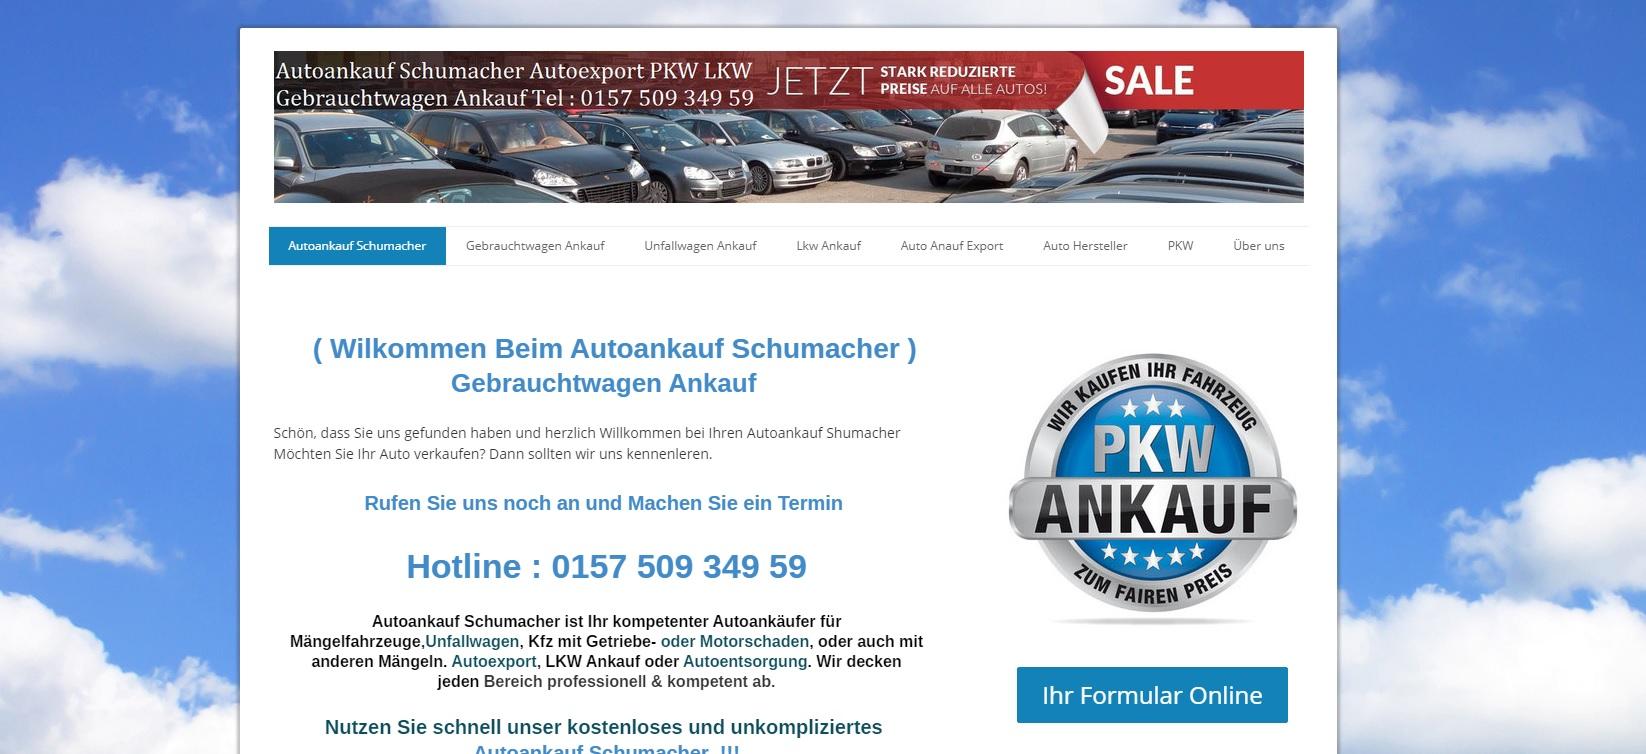 top kontitionen bei autoankauf bremerhaven fuer ihr gebrauchtwagen - Top Kontitionen bei Autoankauf-Bremerhaven für ihr Gebrauchtwagen